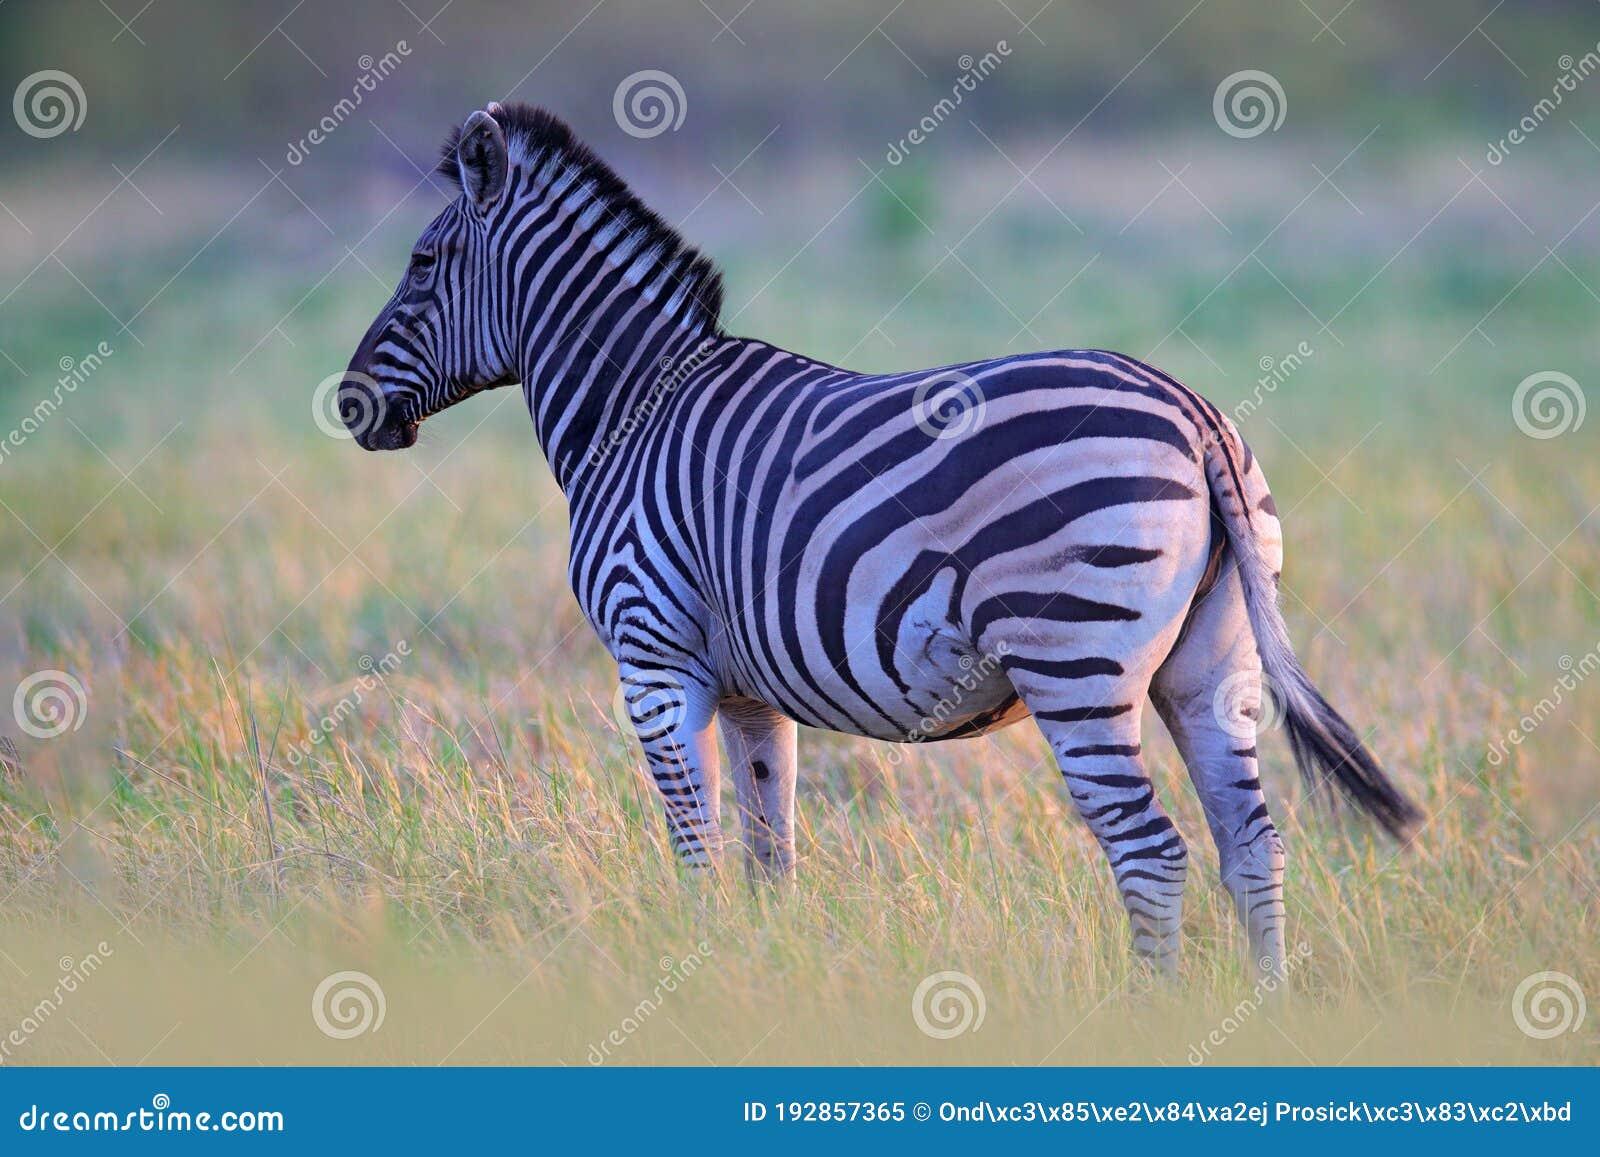 Zebra penis size